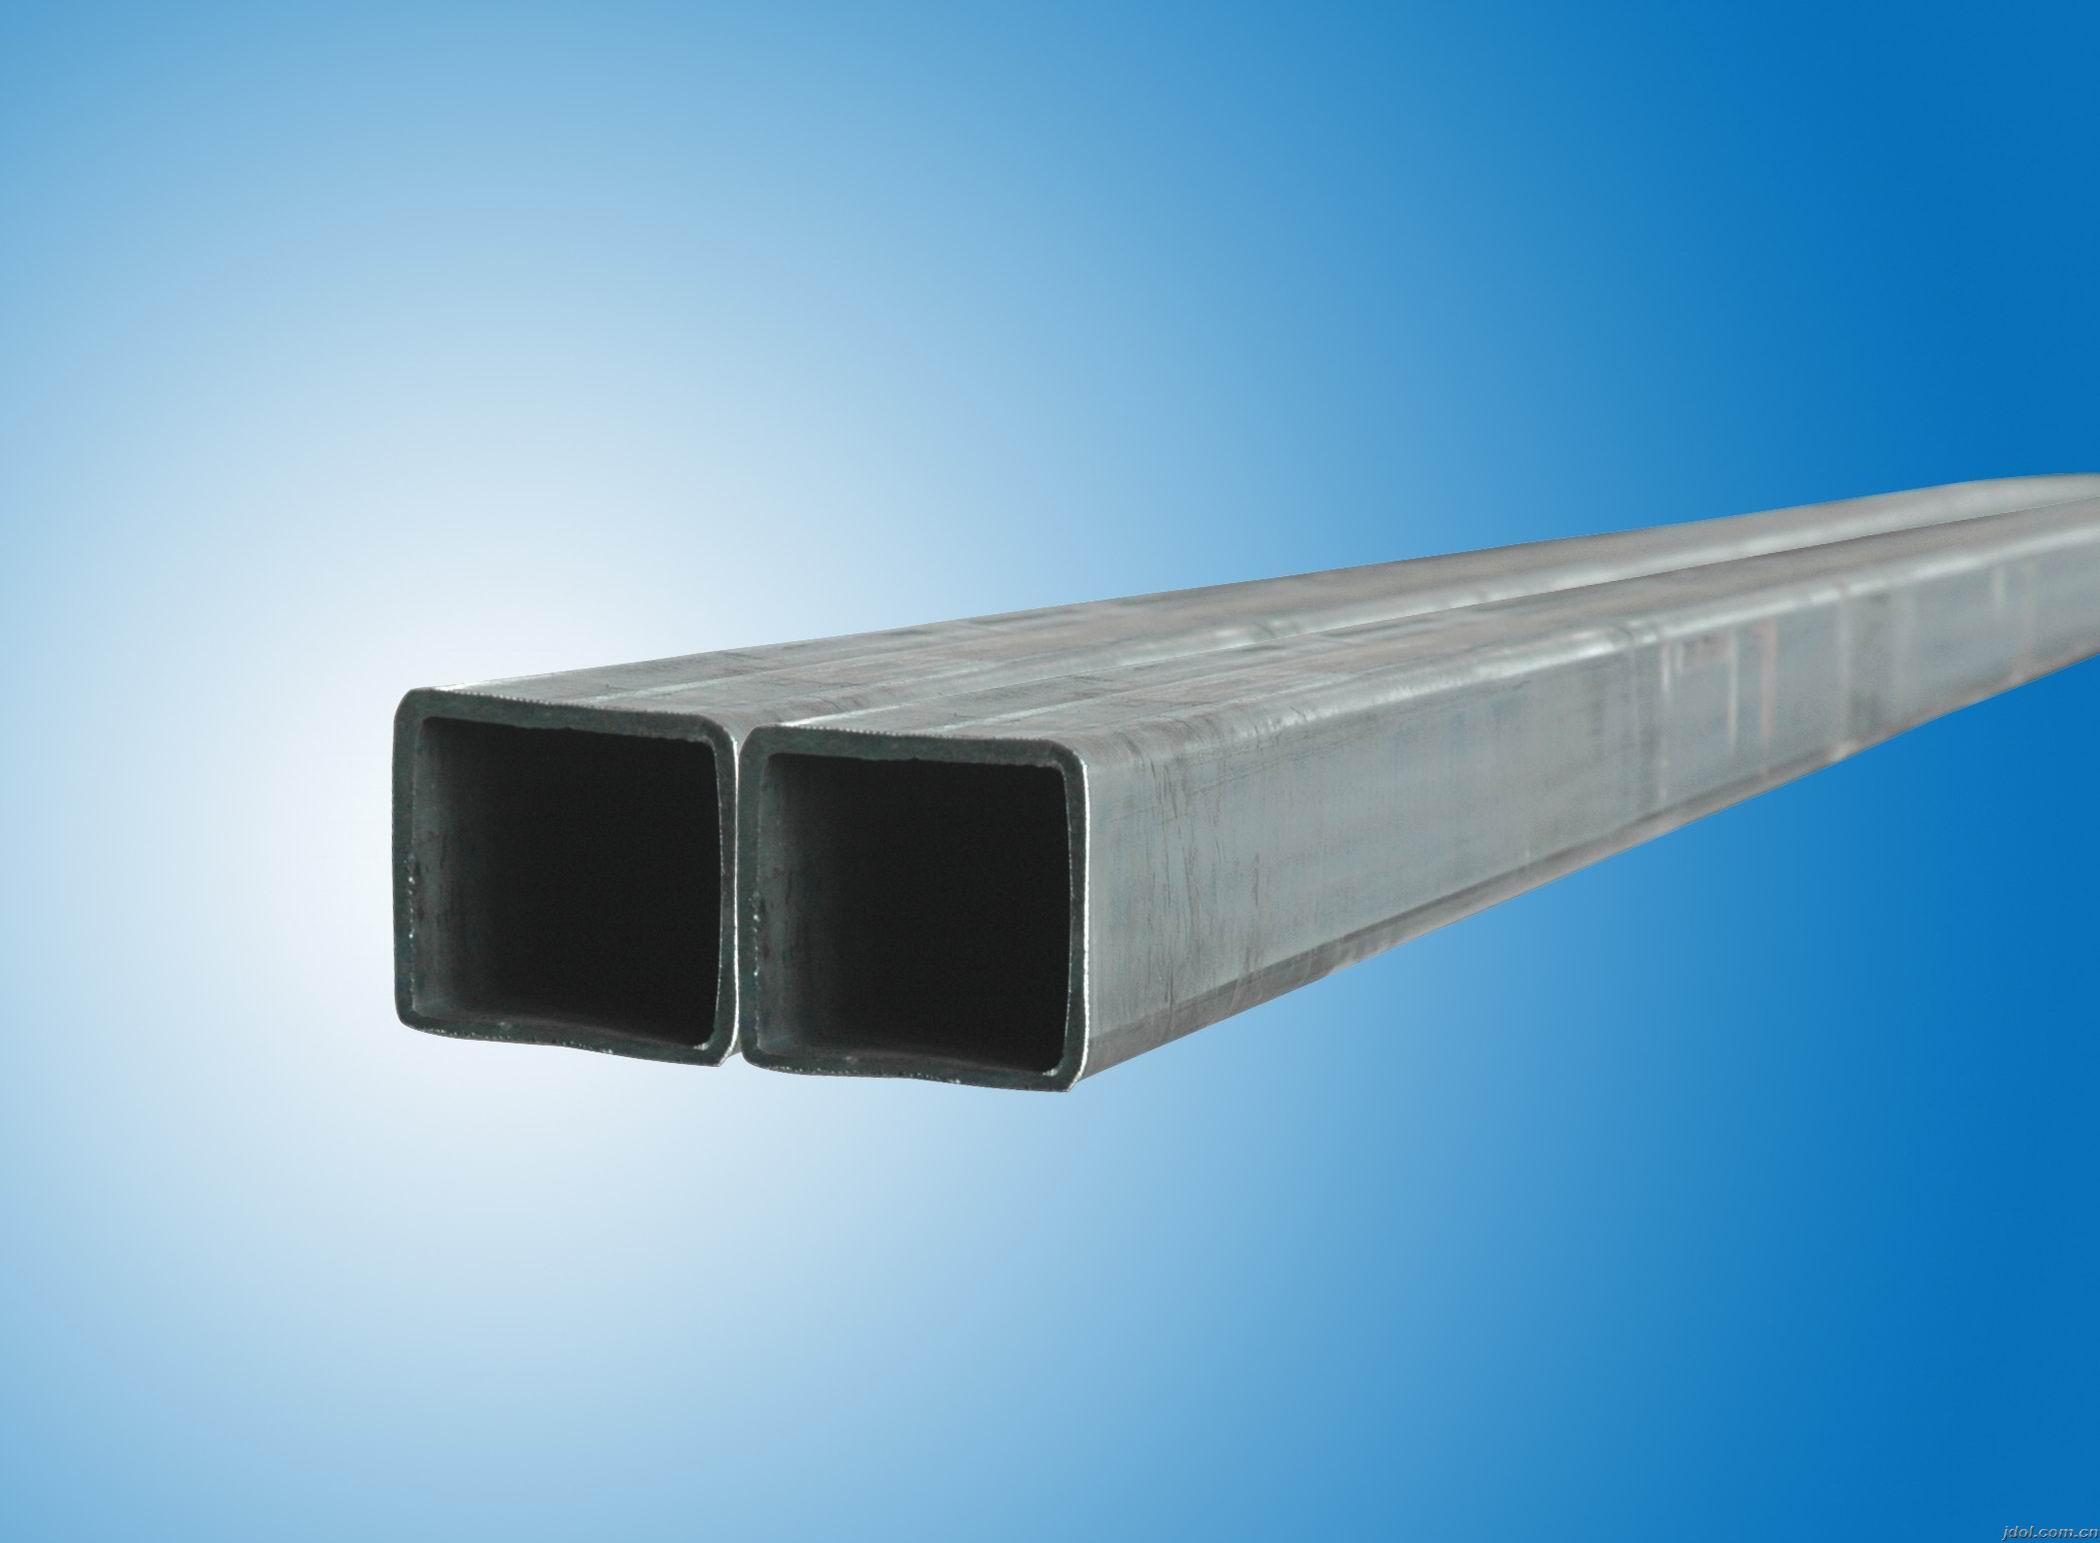 【贵州方管价格】2012年6月22日贵州钢材市场方管价格行情